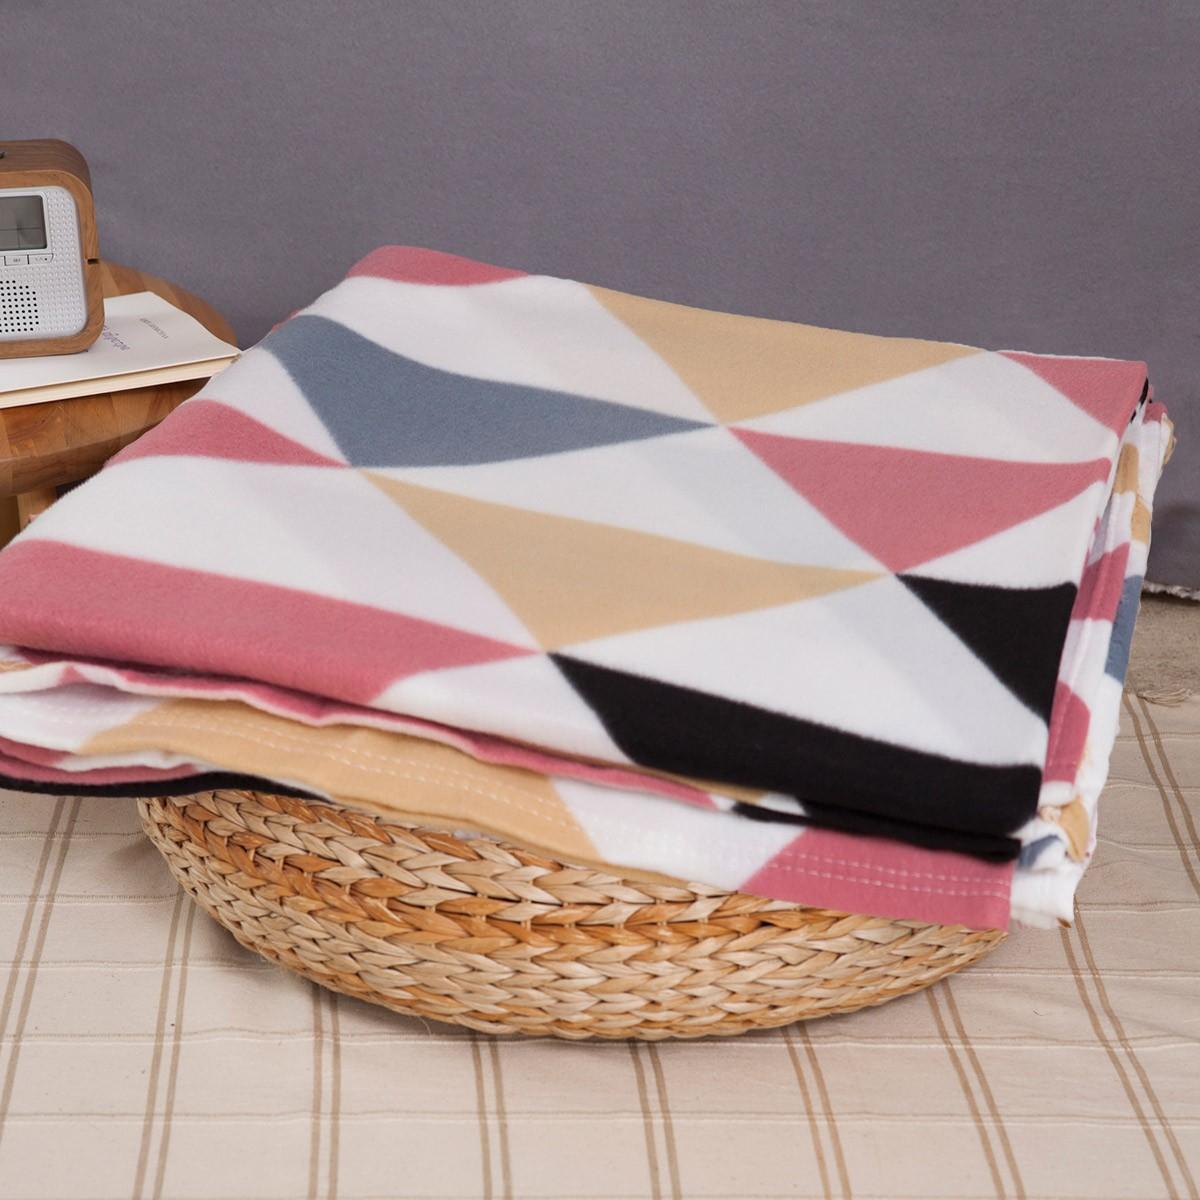 Κουβέρτα Fleece Υπέρδιπλη Melinen Triangle home   κρεβατοκάμαρα   κουβέρτες   κουβέρτες fleece υπέρδιπλες